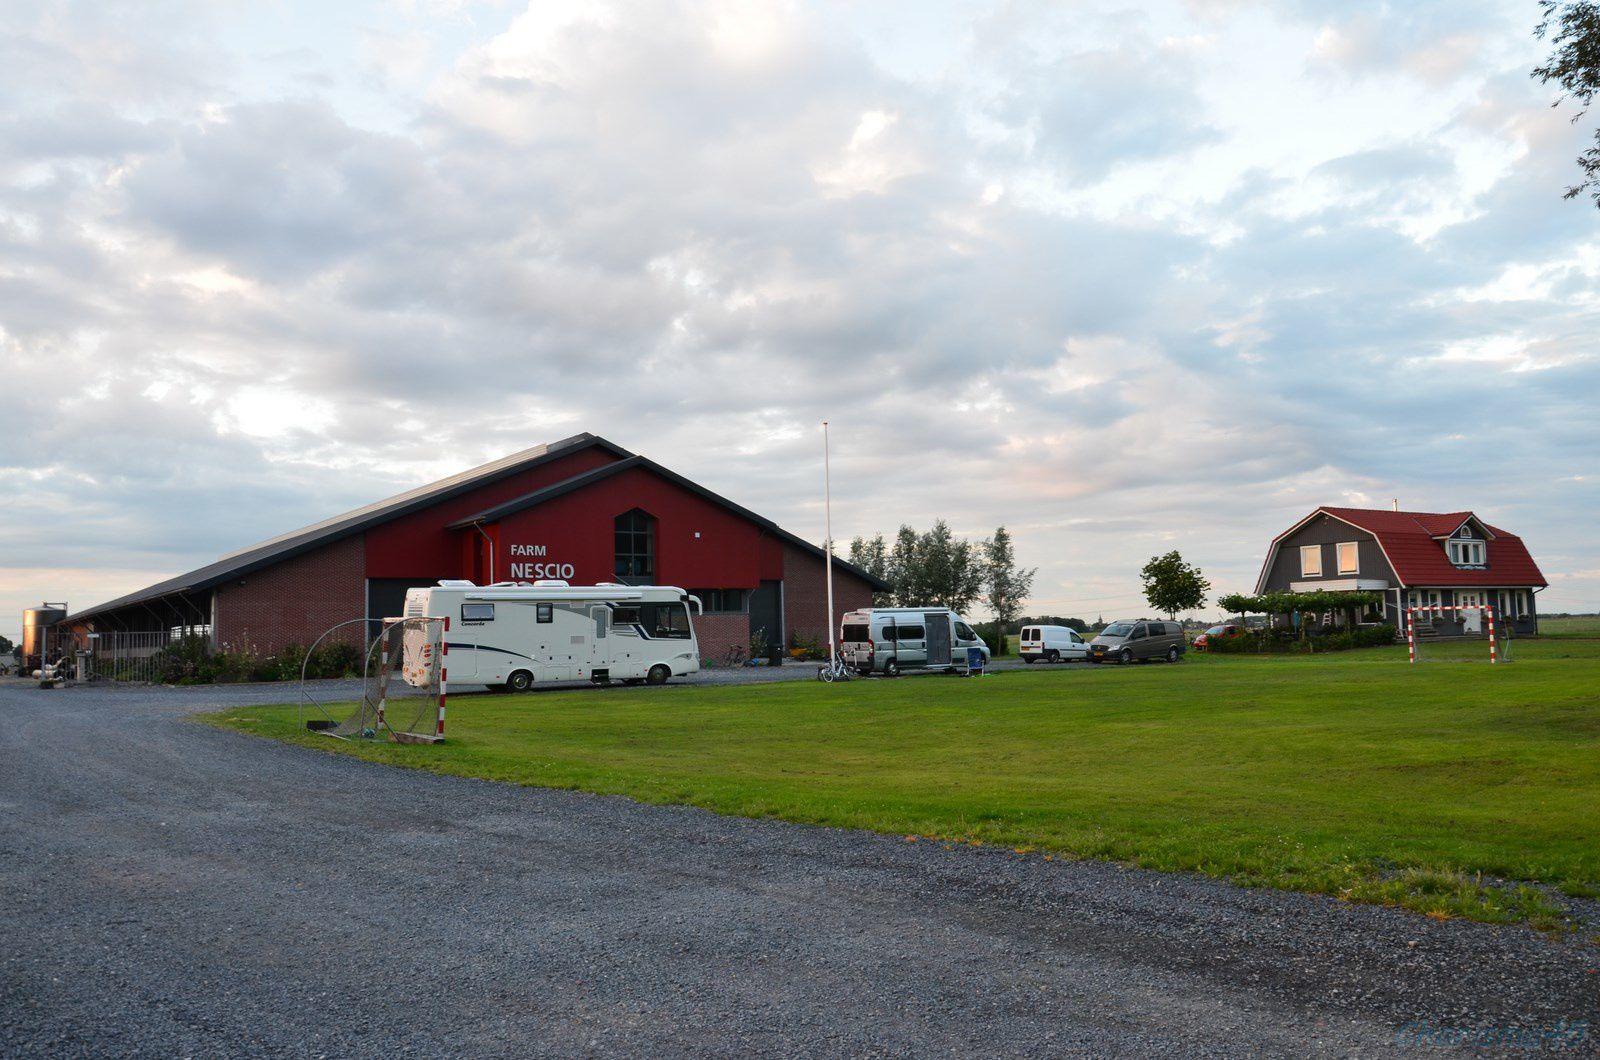 Pays-Bas en camping-car (Nescio farm)